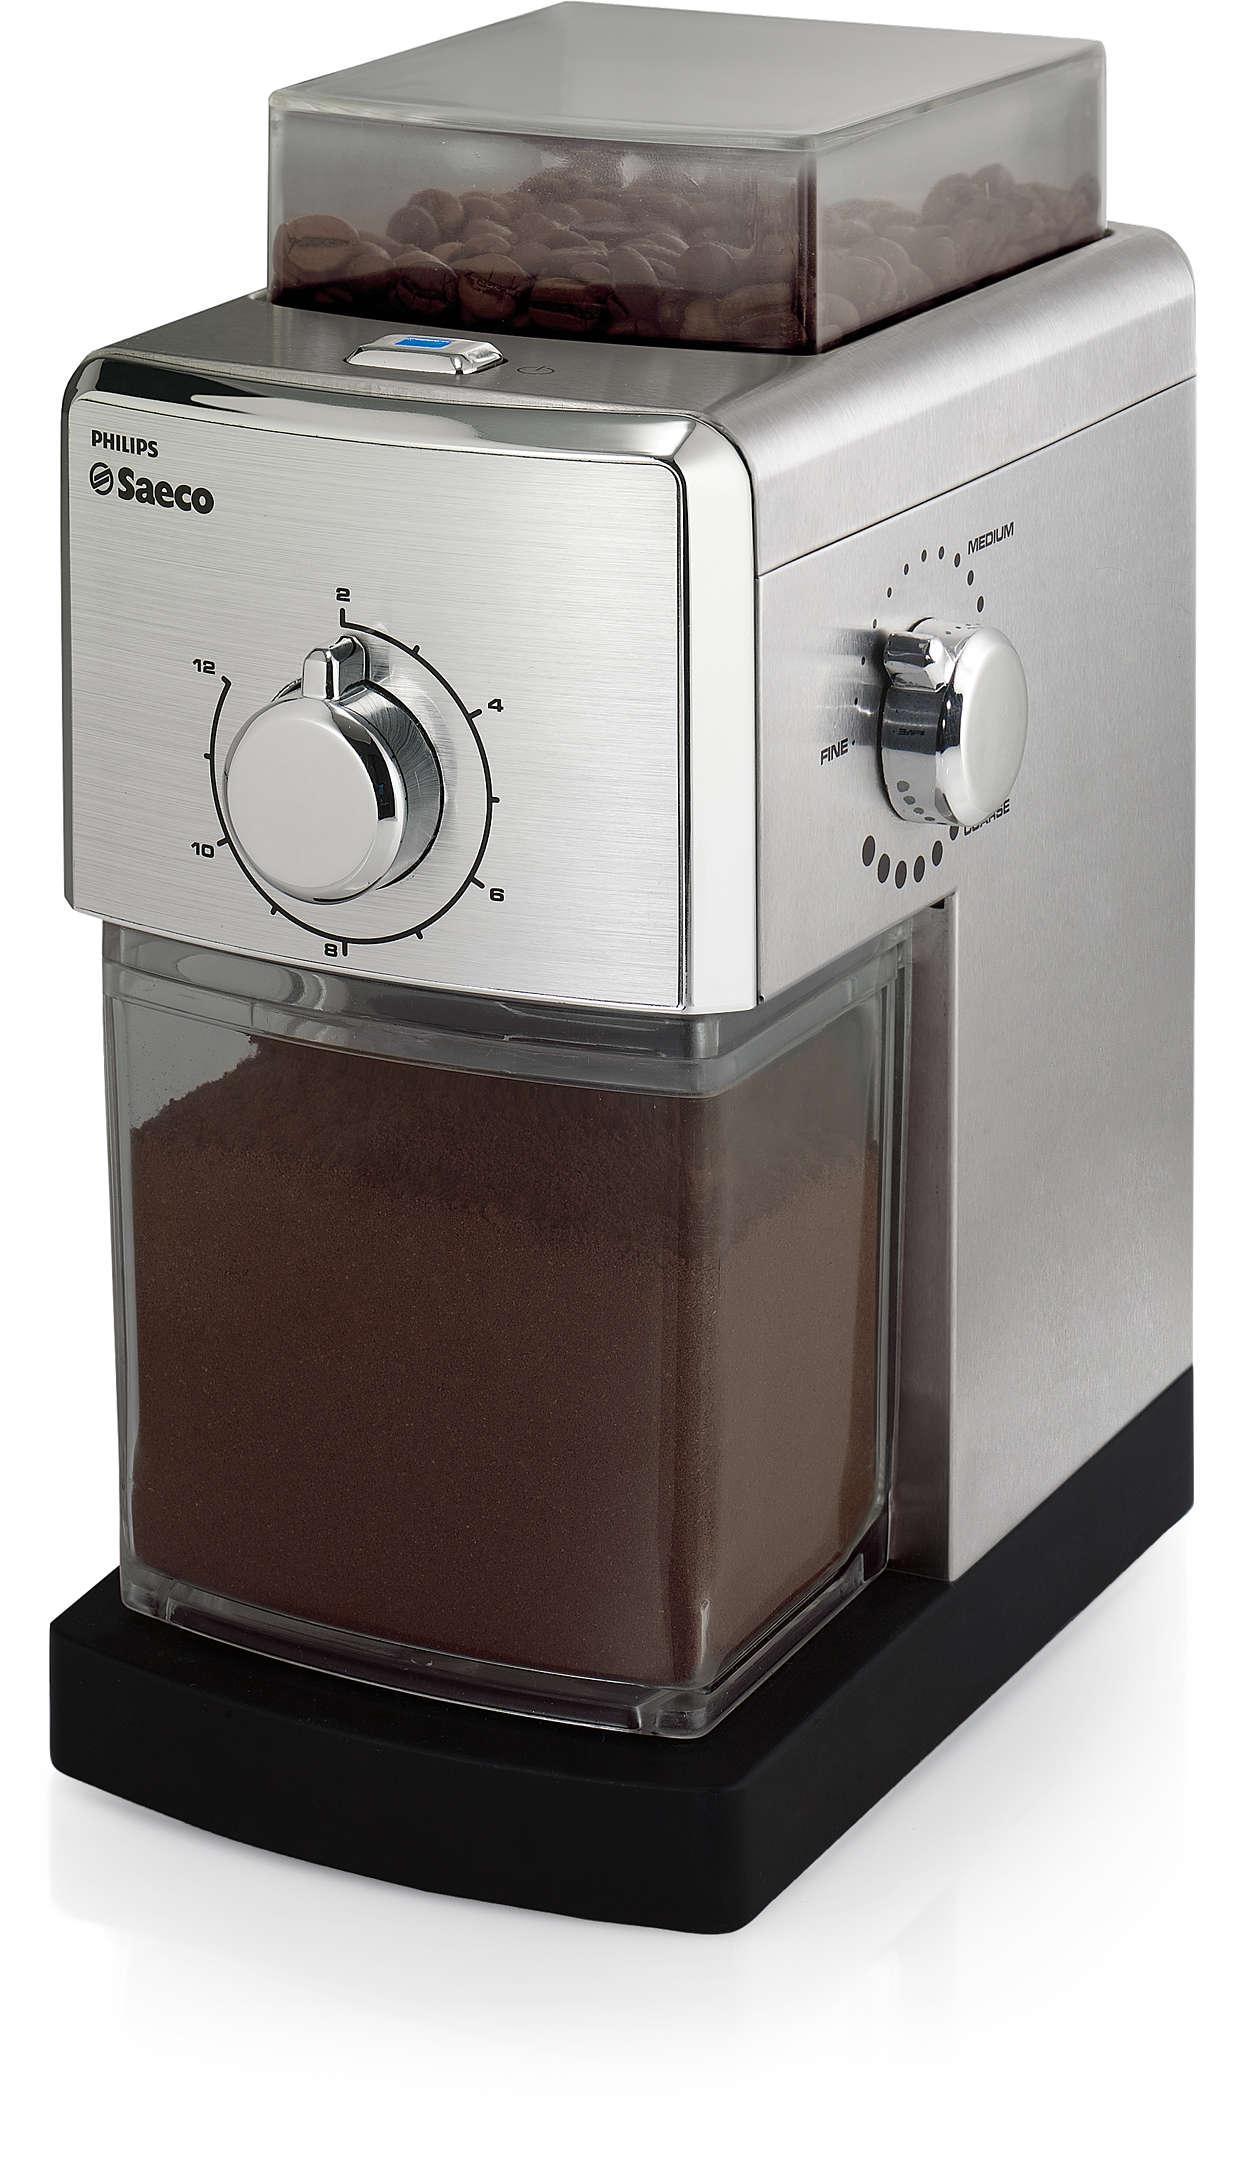 Muela sus granos de café preferidos